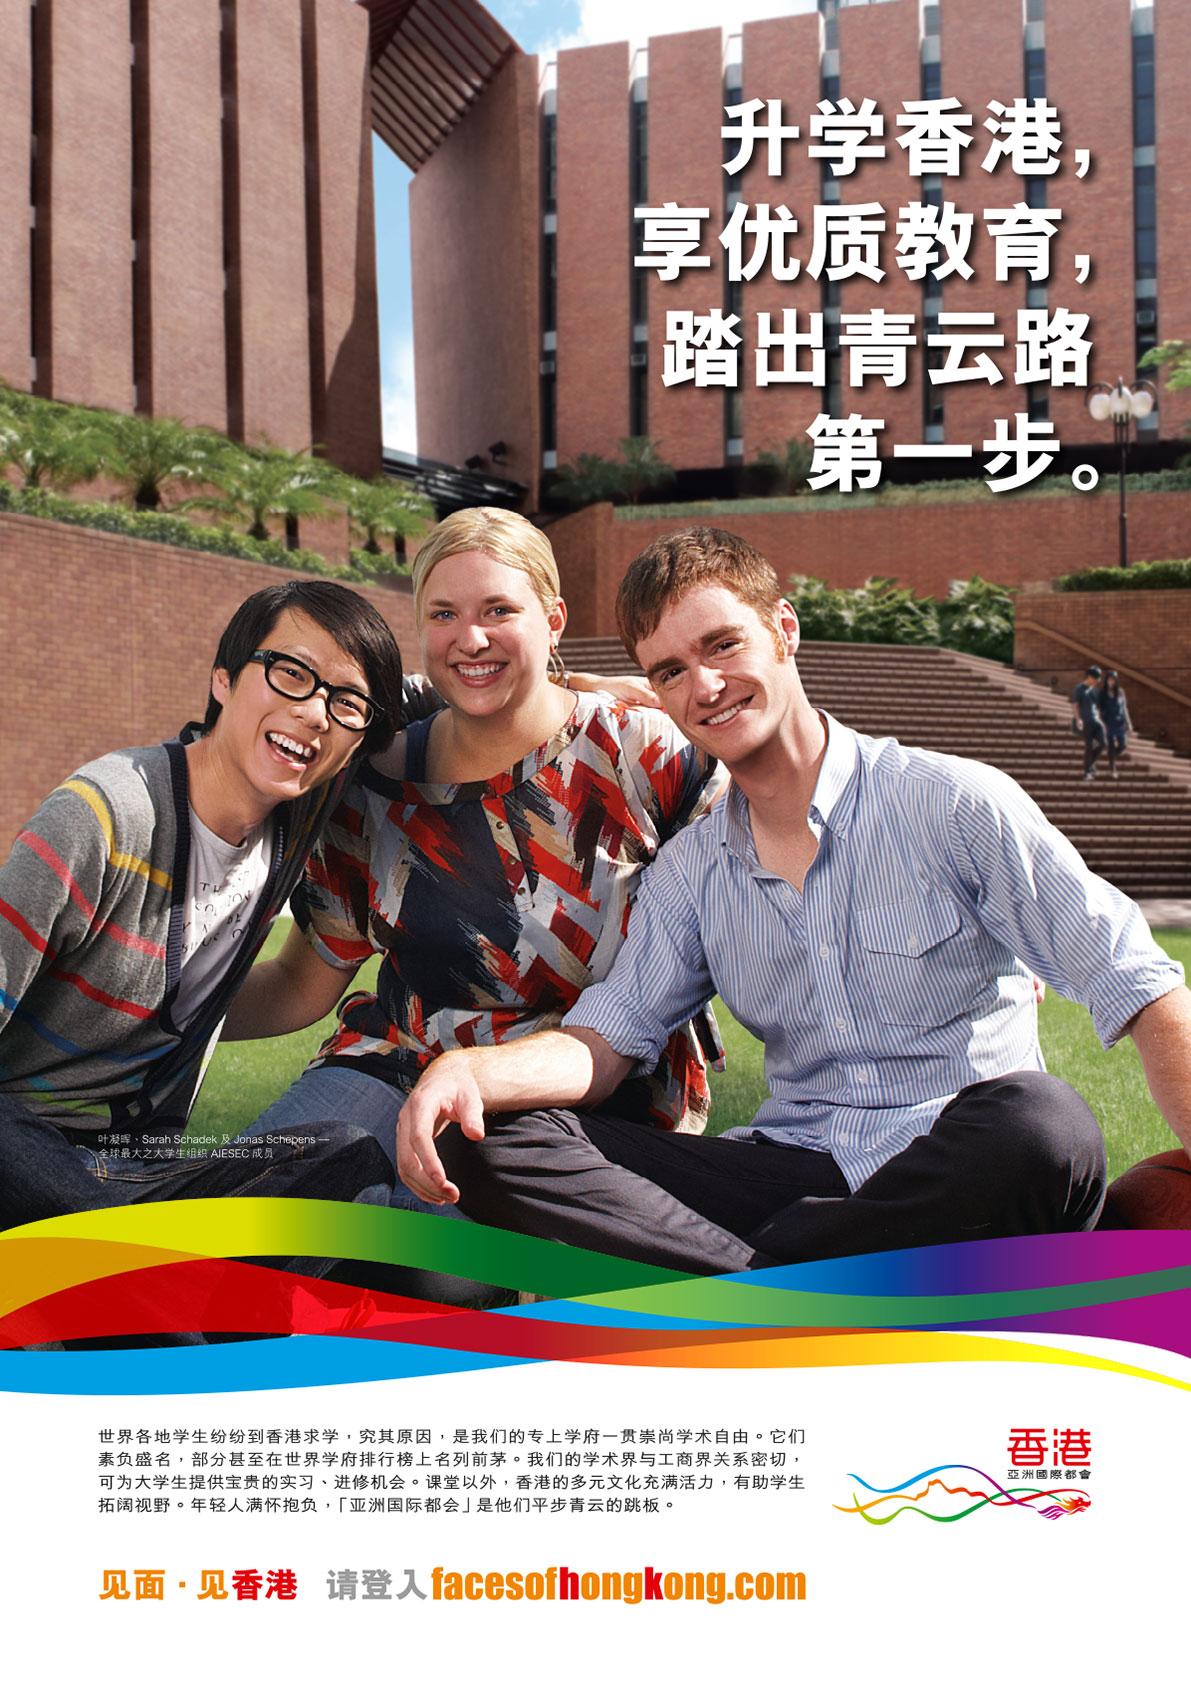 见面 • 见香港 - AIESEC成员